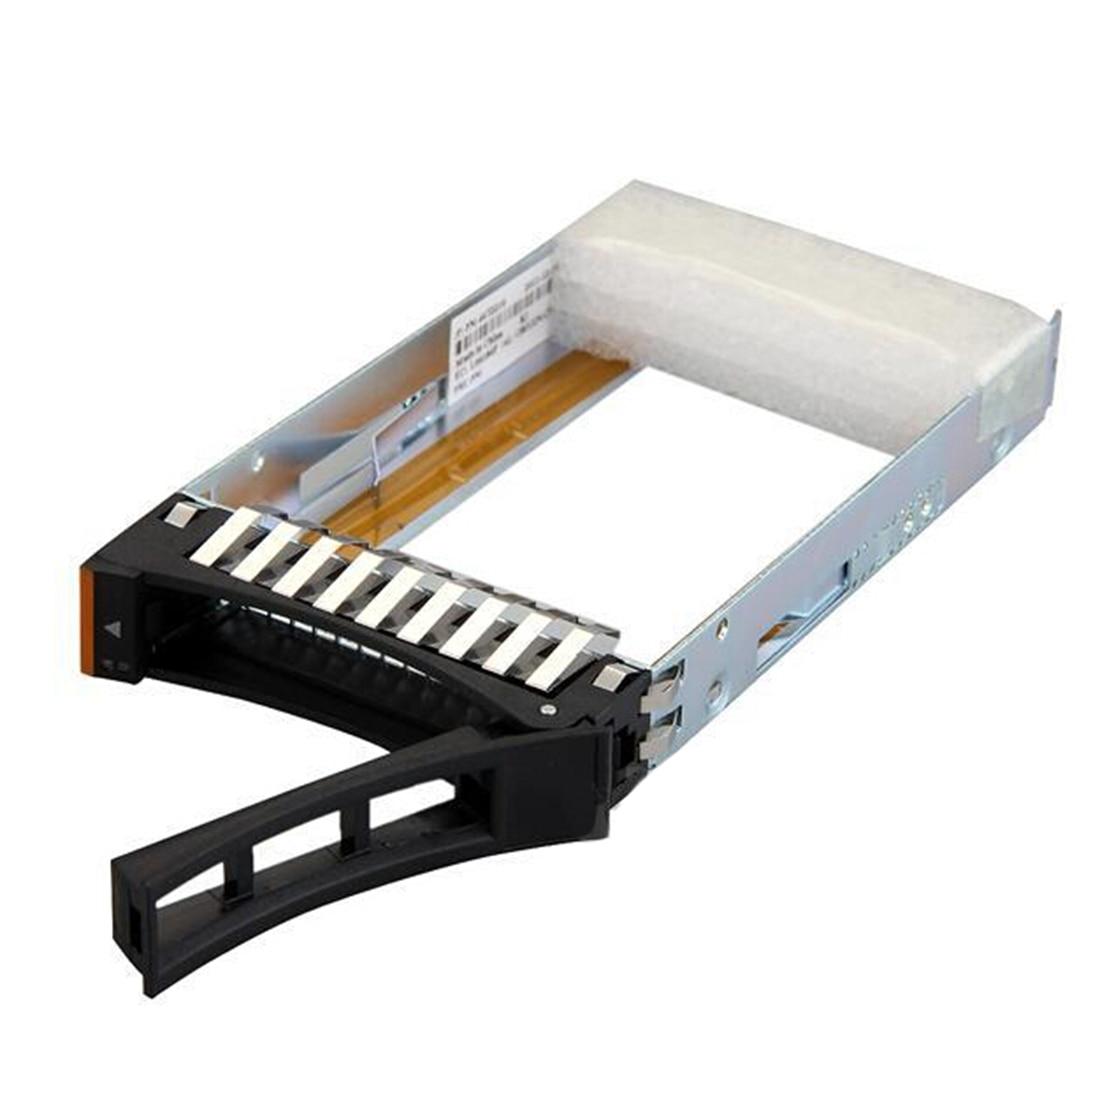 Noyokere 2.5 pulgadas SAS SATA servidor HDD hard drive bay bandeja soporte Caddy para IBM unidades 44T2216 alta calidad